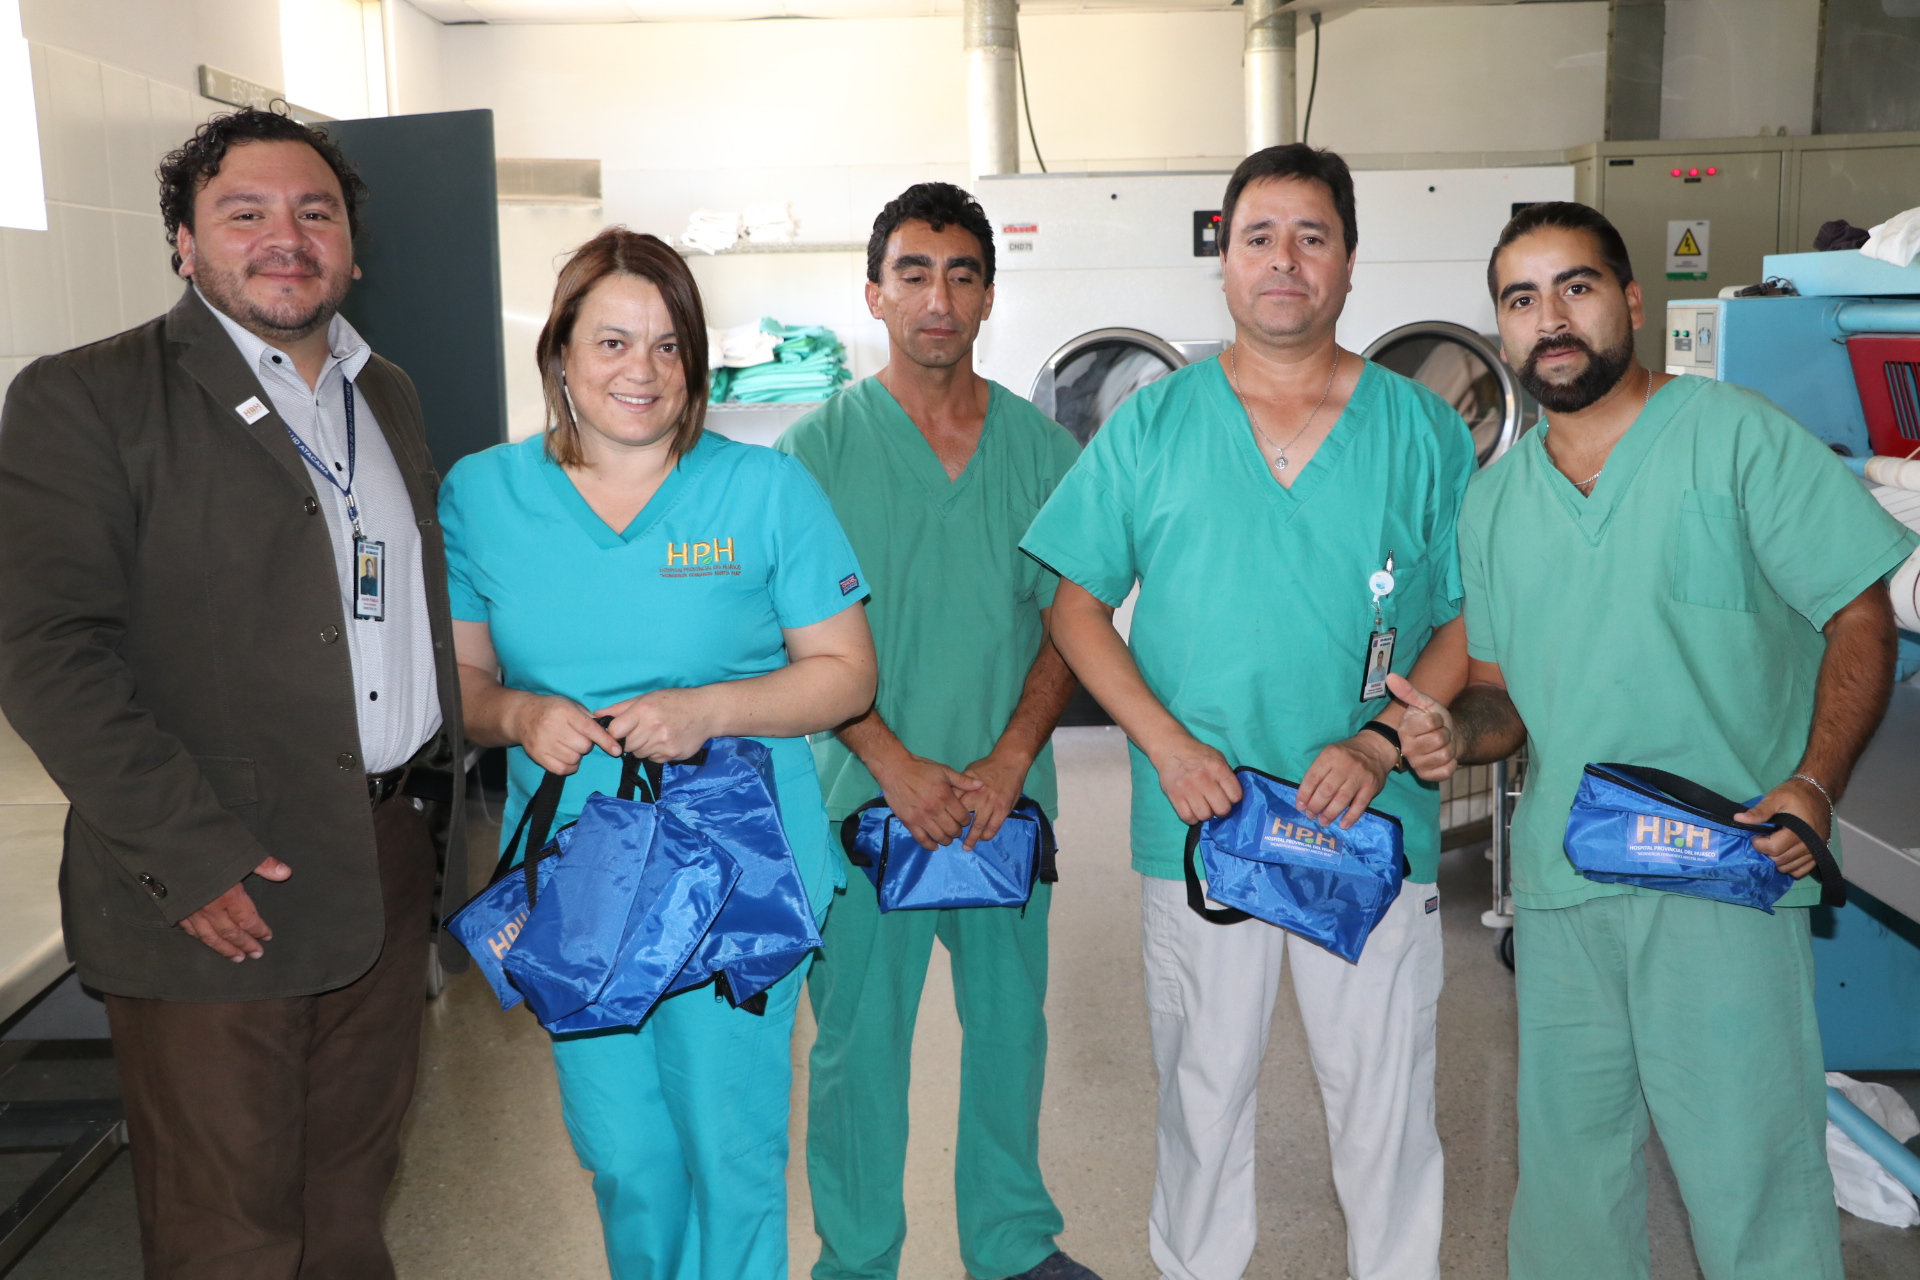 DESTACAN EN SU DÍA LA LABOR QUE CUMPLEN LOS AUXILIARES DE SERVICIO DEL HOSPITAL PROVINCIAL DEL HUASCO